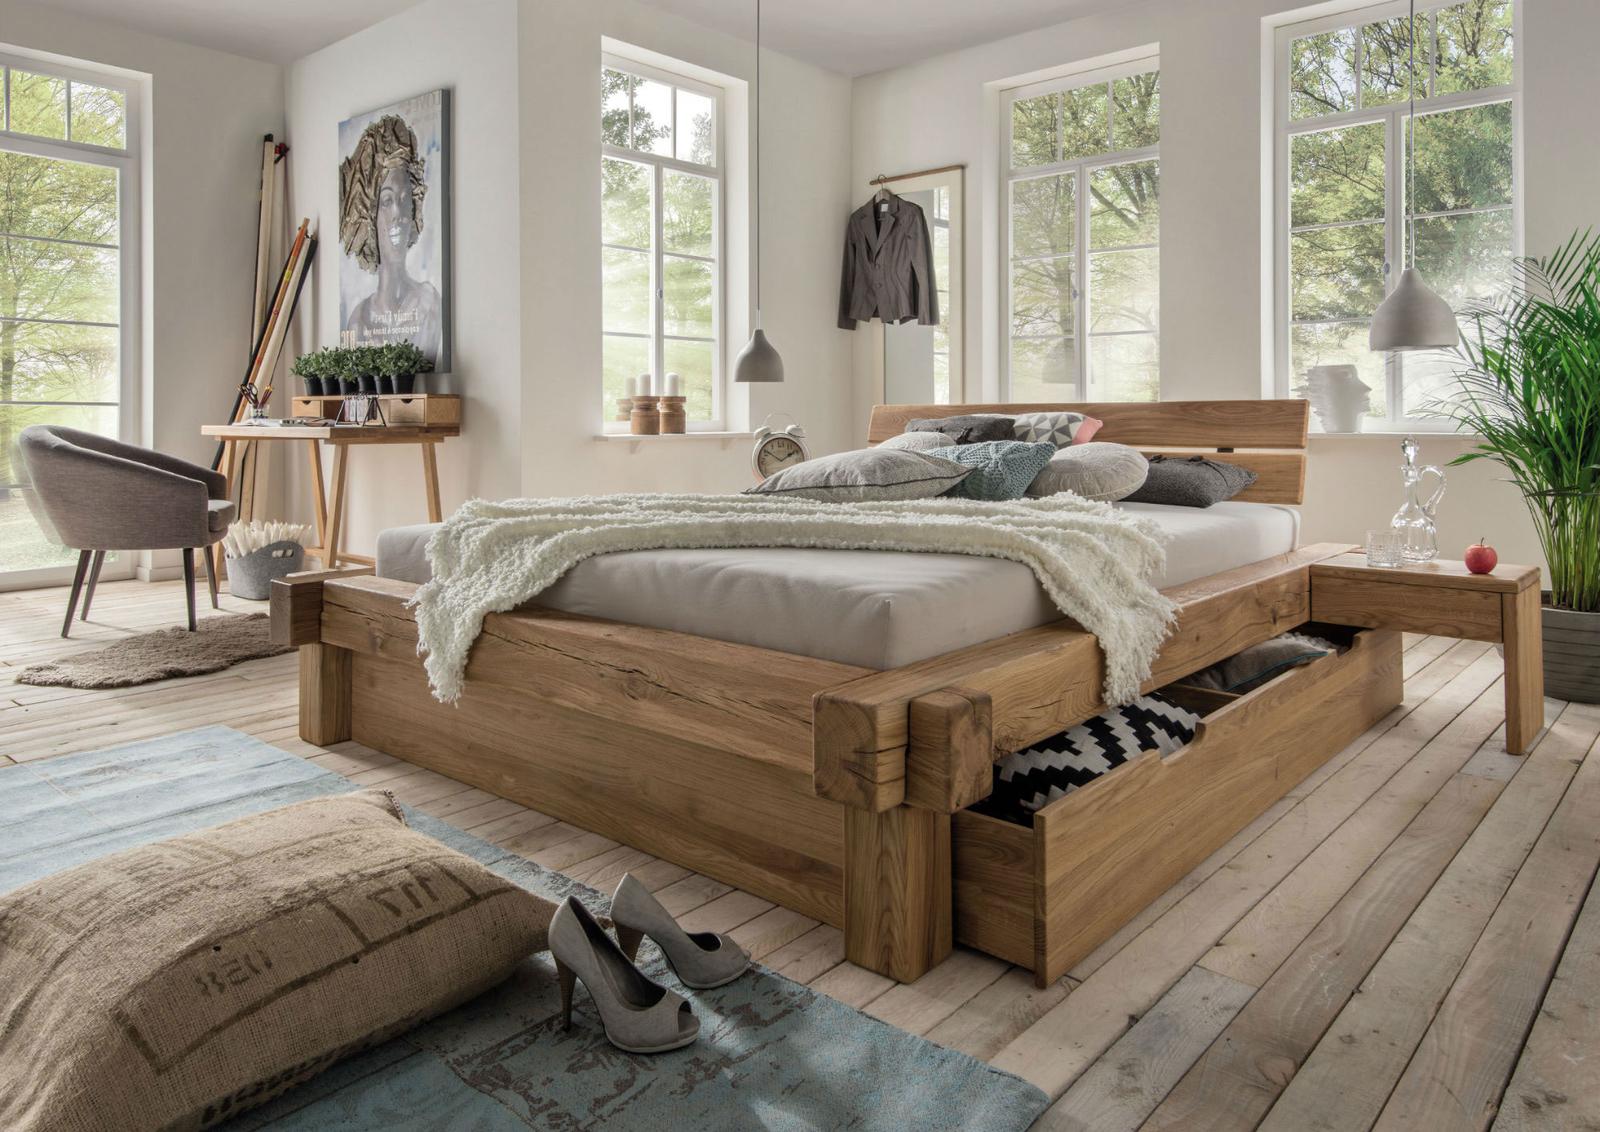 La Natura Balkenbett mit Schubkasten Bettkasten, Bild 2